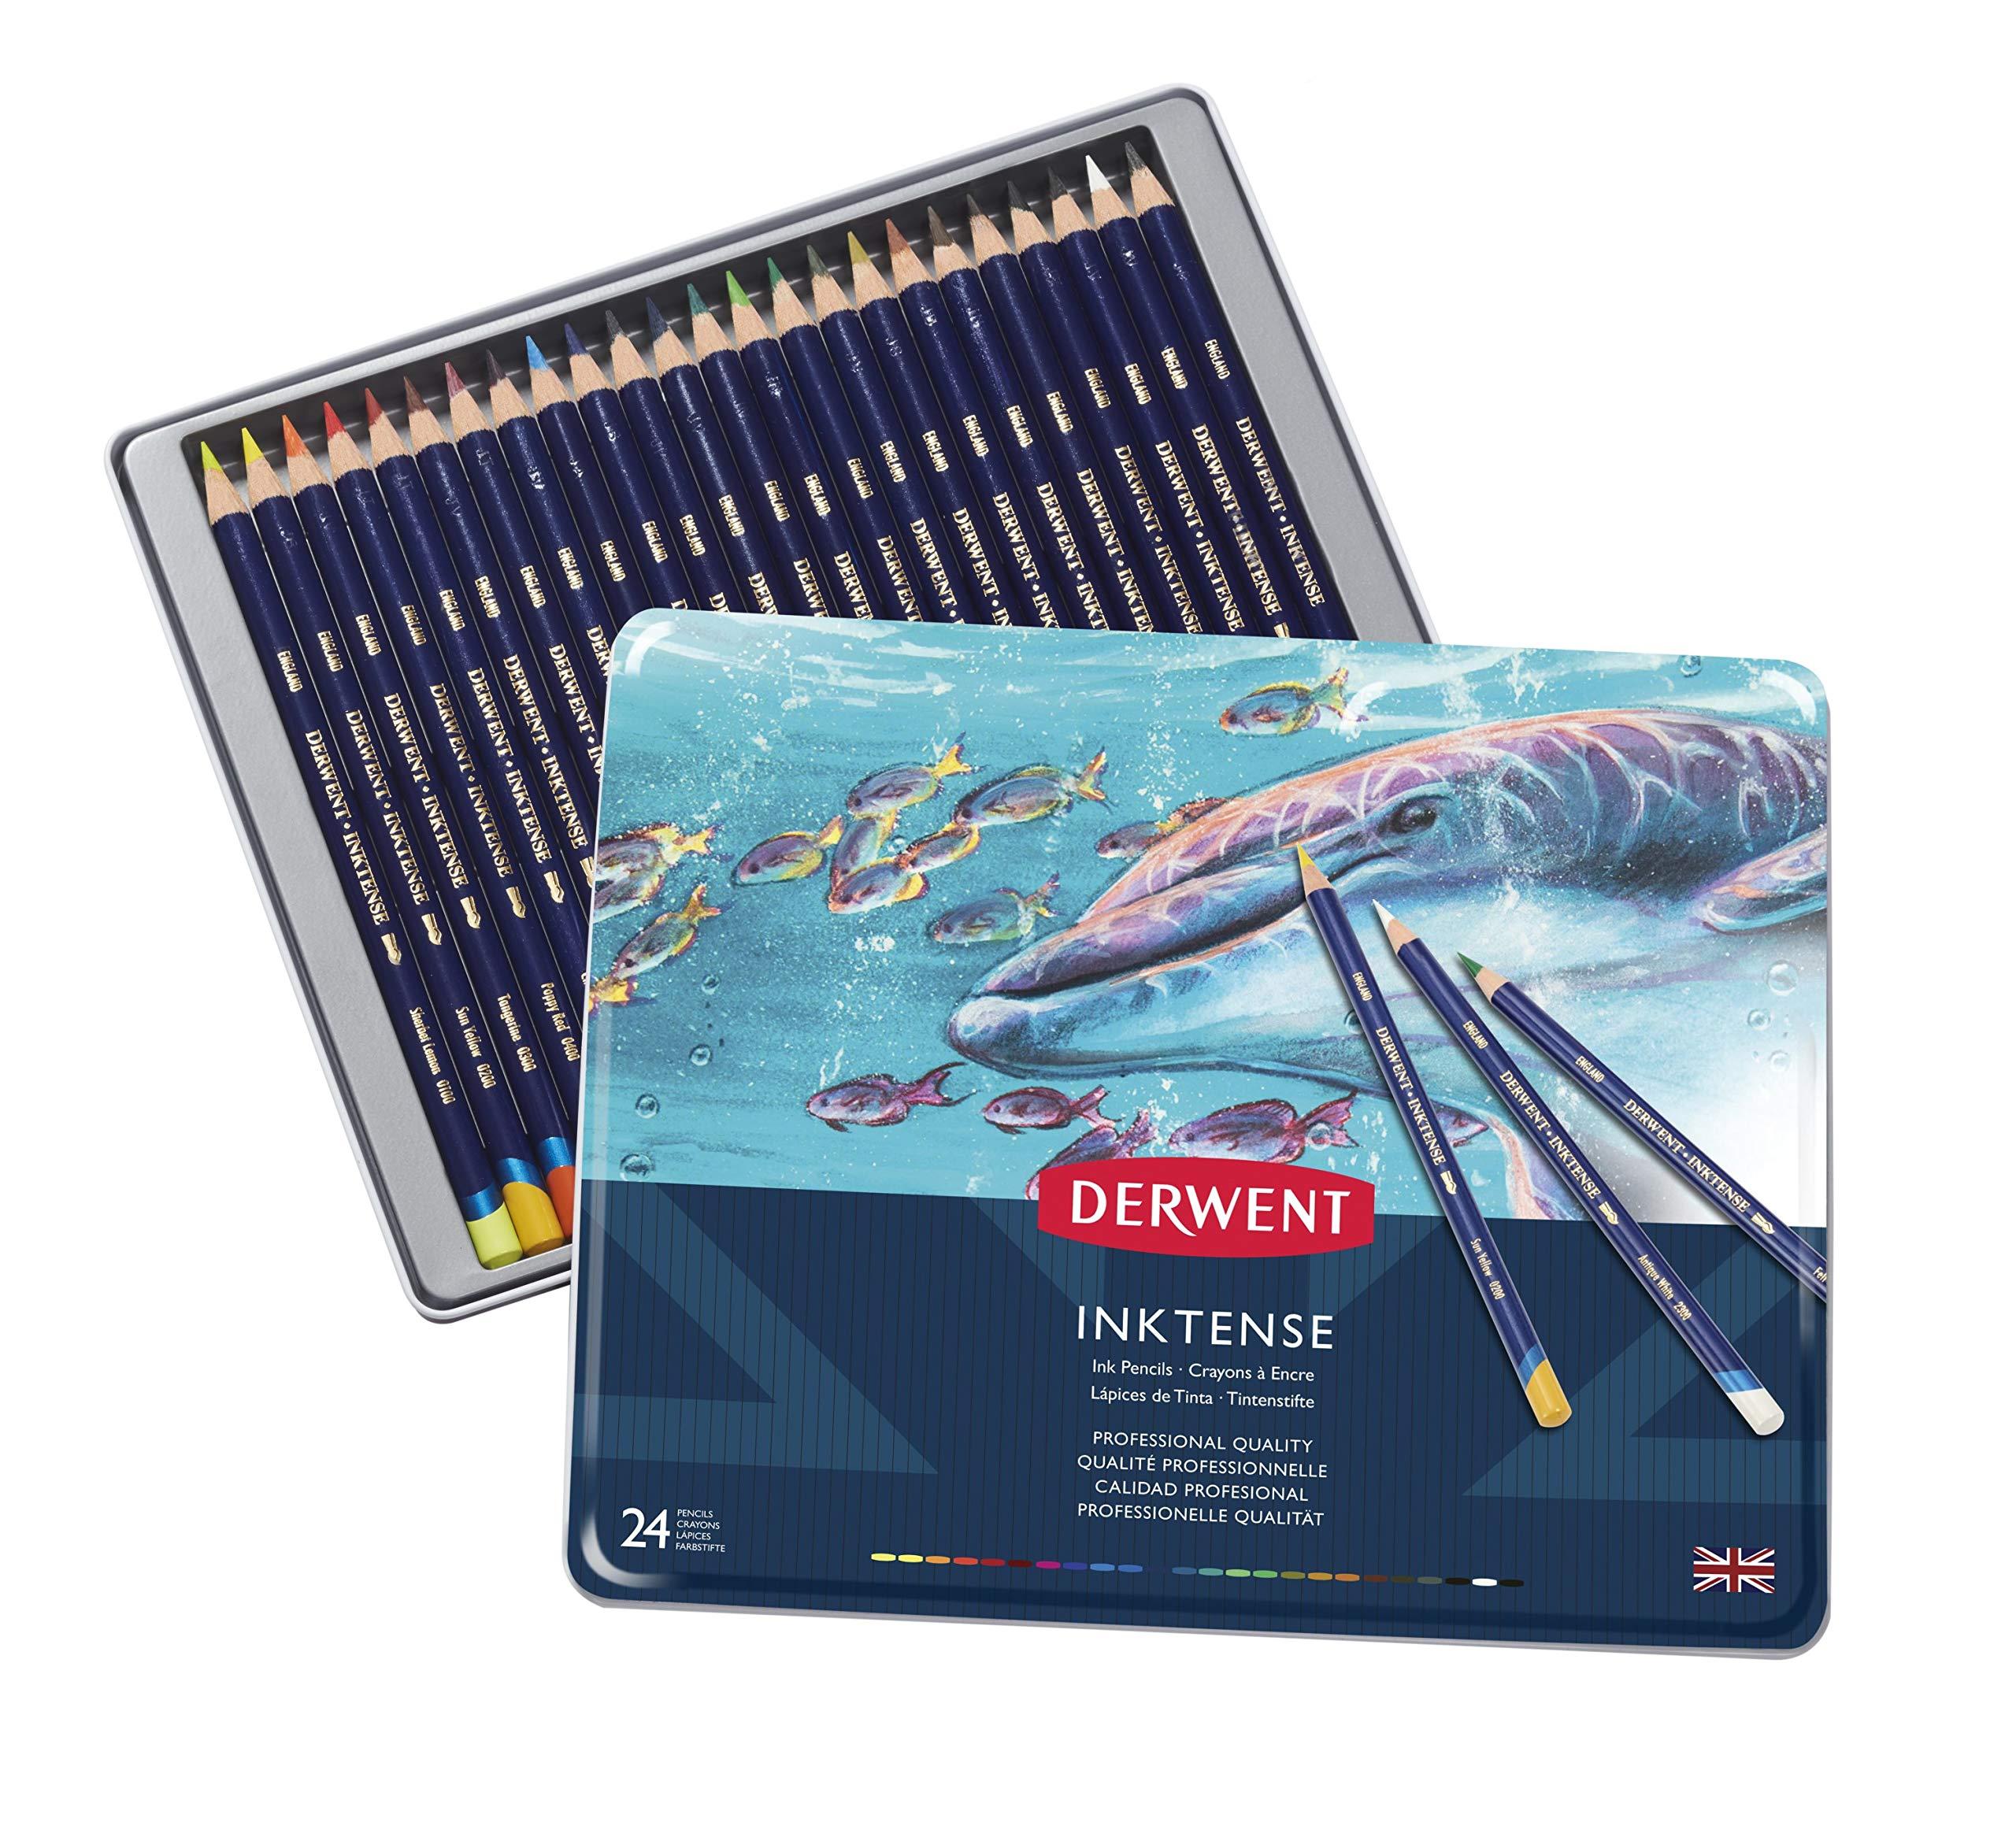 Derwent - Inktense Pencils, 24 Tin